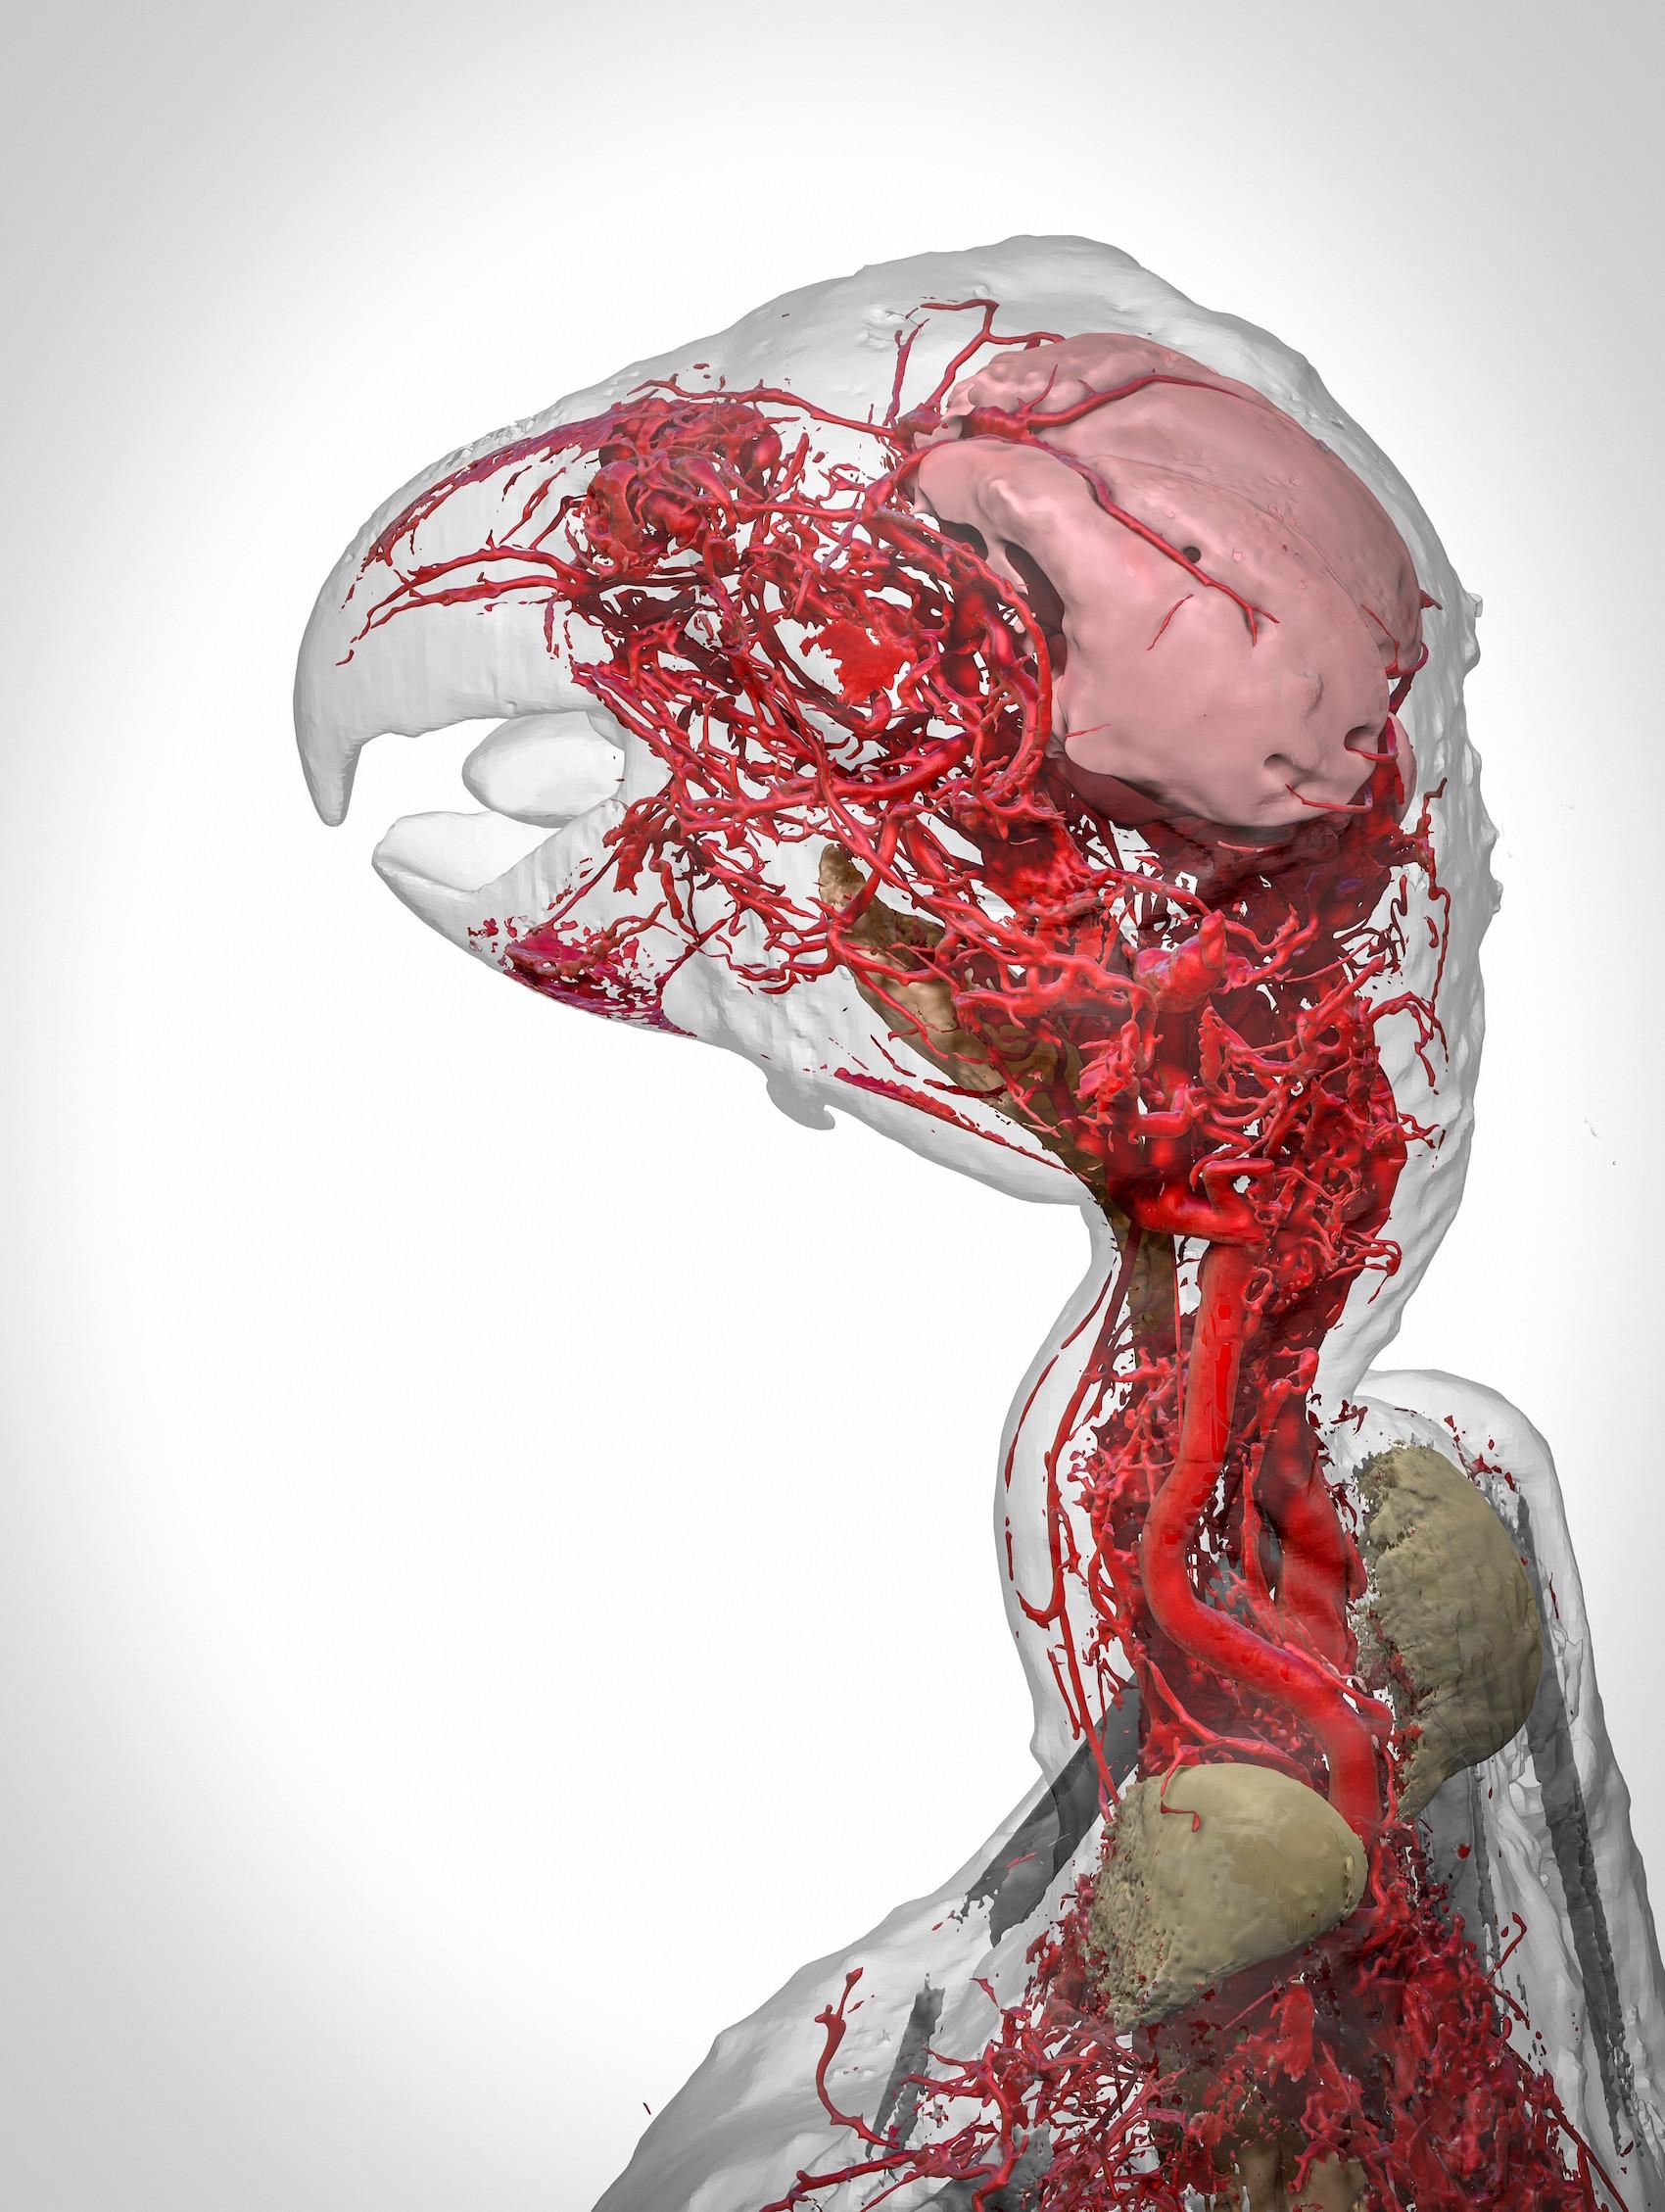 Blutgefäße eines Afrikanischen Graupapageis